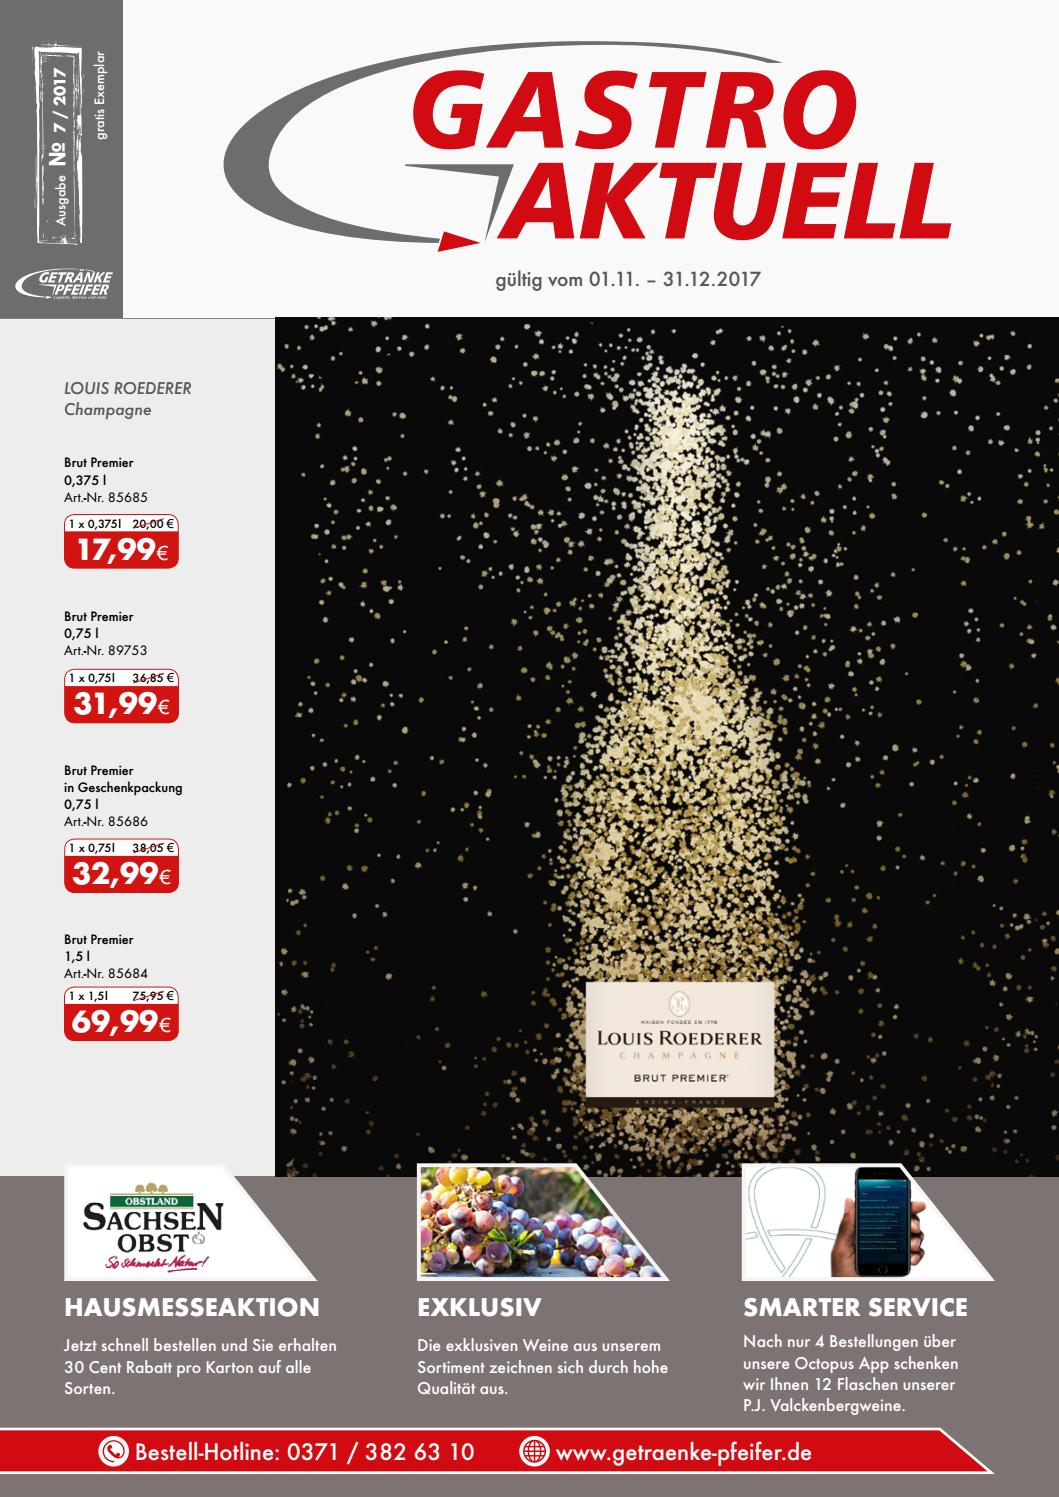 Gastro Aktuell - Ausgabe 7 / 2017 by Getränke Pfeifer GmbH - issuu